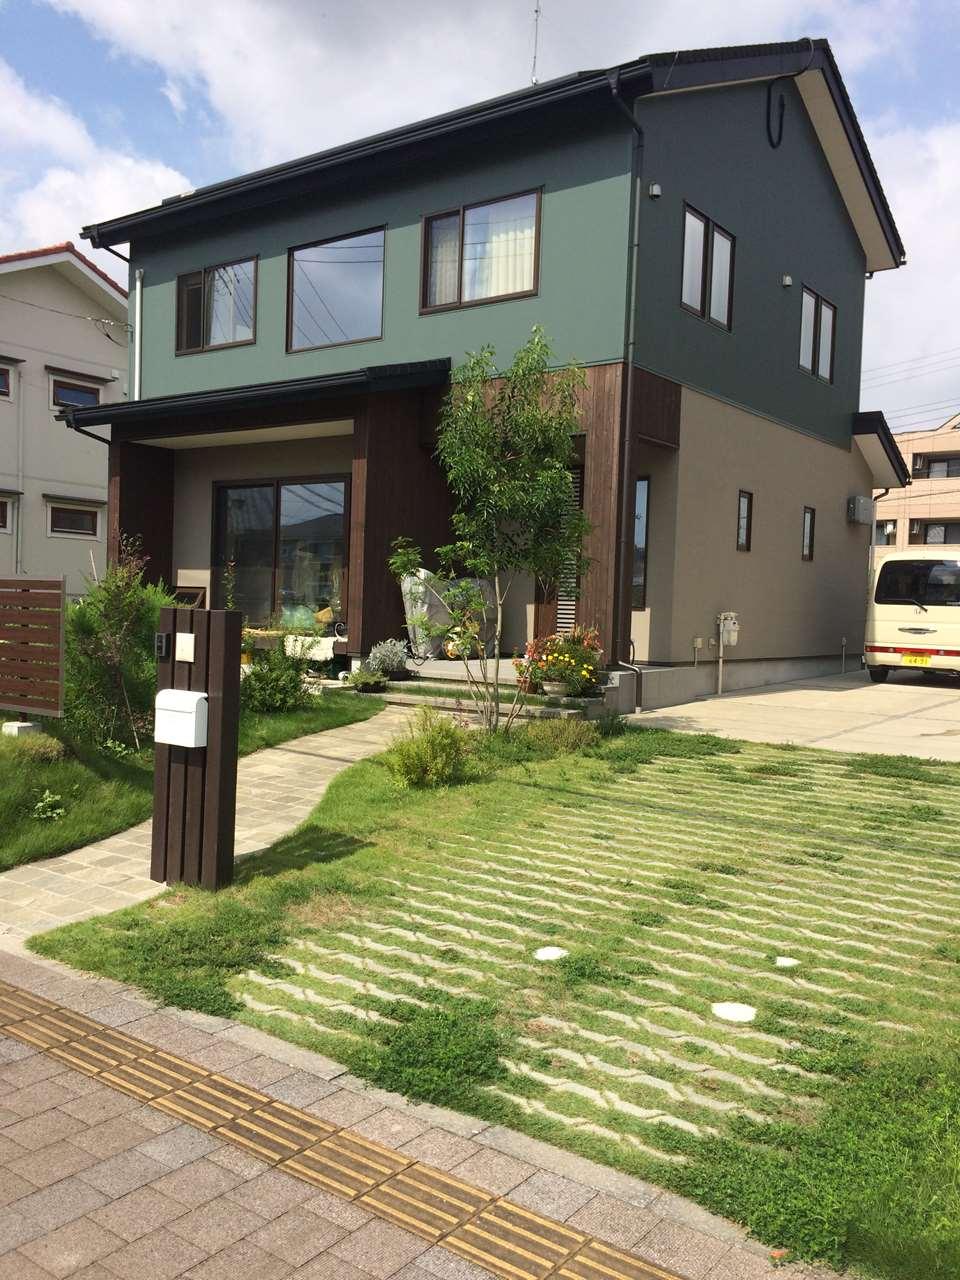 つくばみらい市の新築一軒家の外観